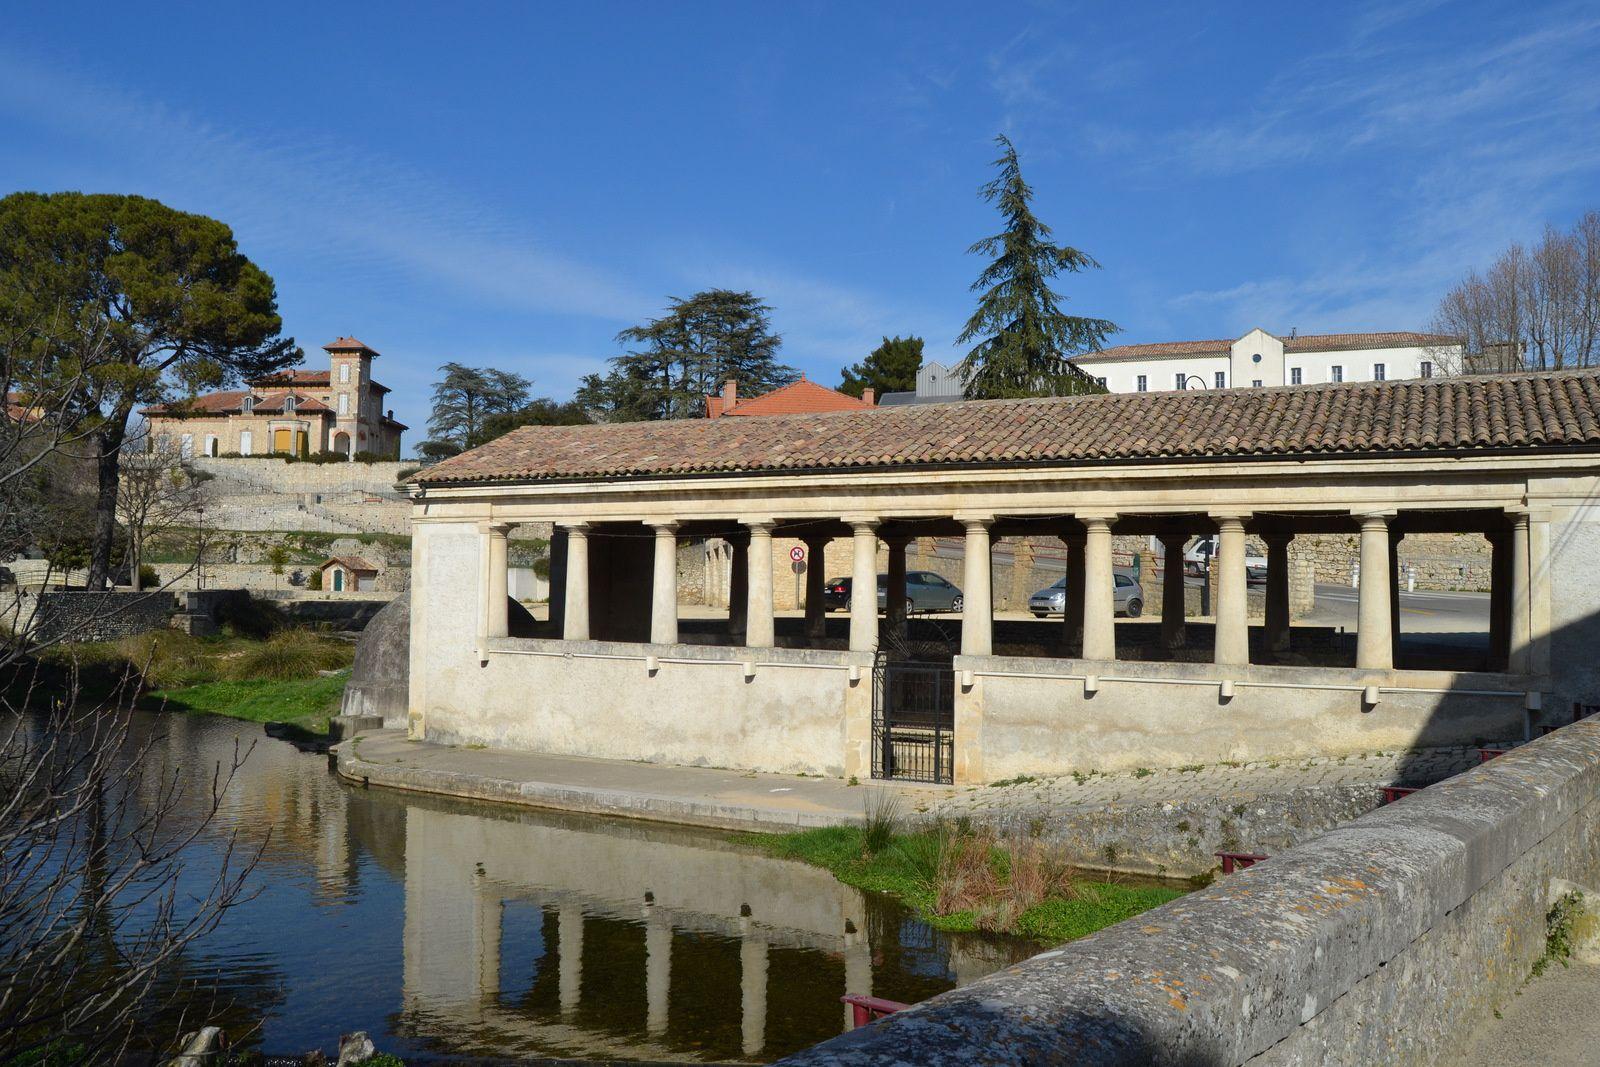 Ce ruisseau de la Tourne se jette dans le Rhône quelques centaines de mètres plus loin. « Qui boit de l'eau de Tourne retourne un jour en ces lieux ». Une troisième fontaine dite Fontaine aux Ânes servait d'abreuvoir avant d'être dissimulée sous le dôme accolé au lavoir. Au second plan à gauche le château Pradelle.